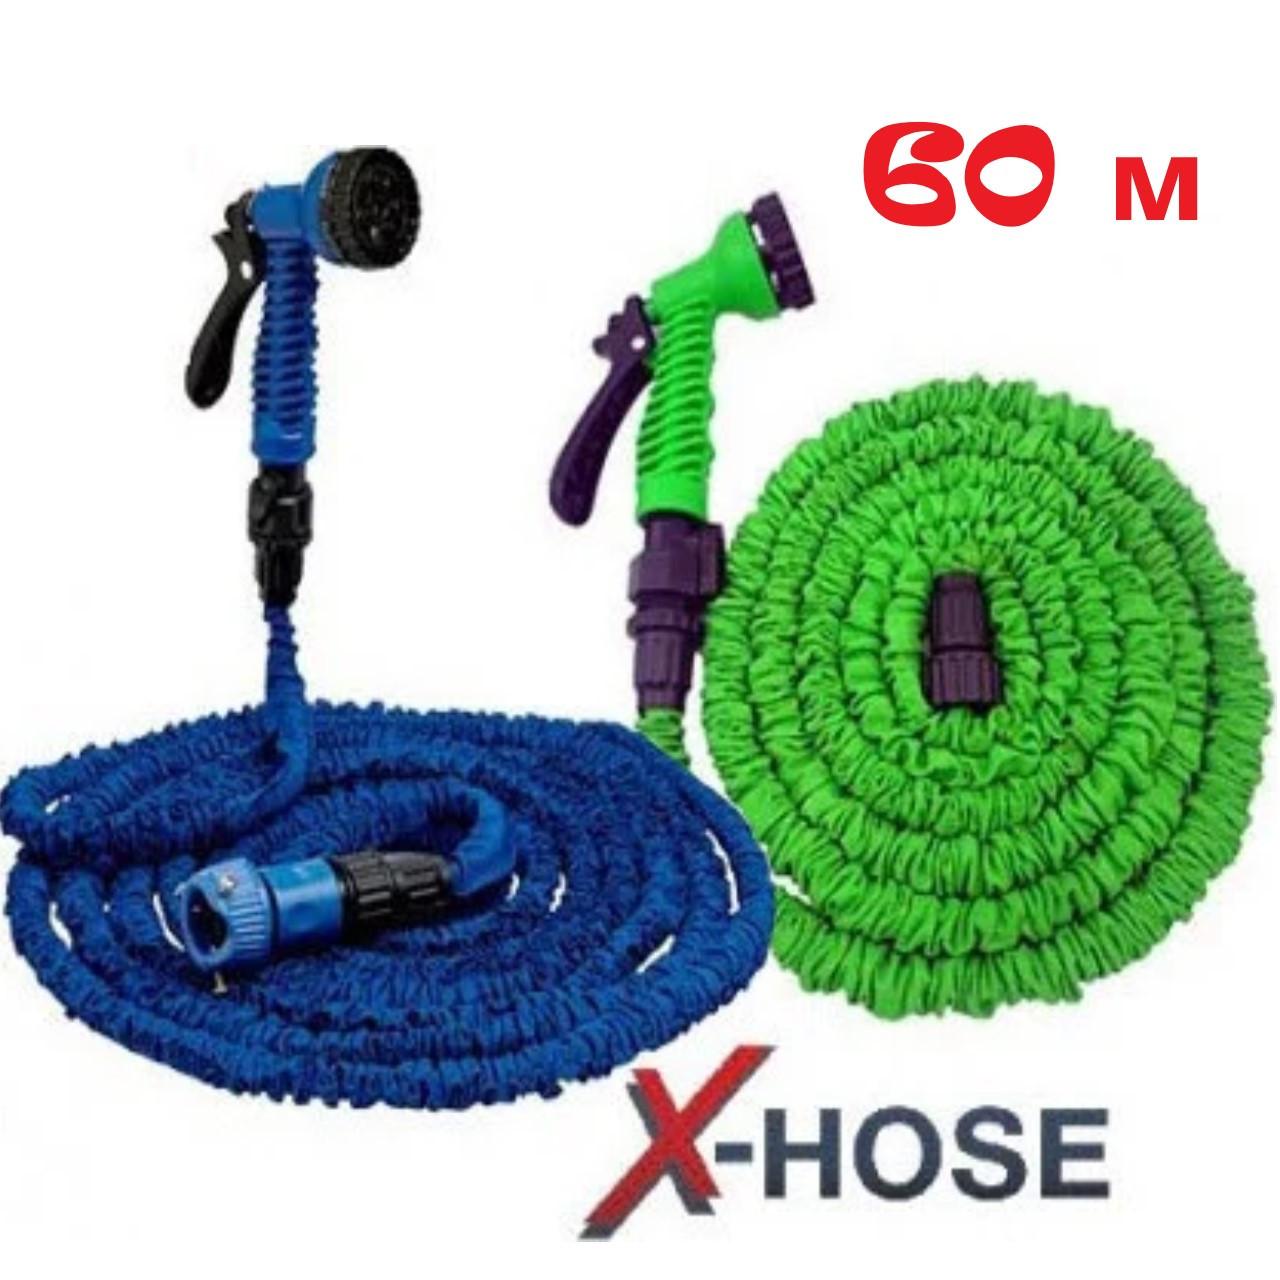 Растяжной чудо шланг для полива с распылителем  X-hose 60 метров (200 fut) (Реплика)